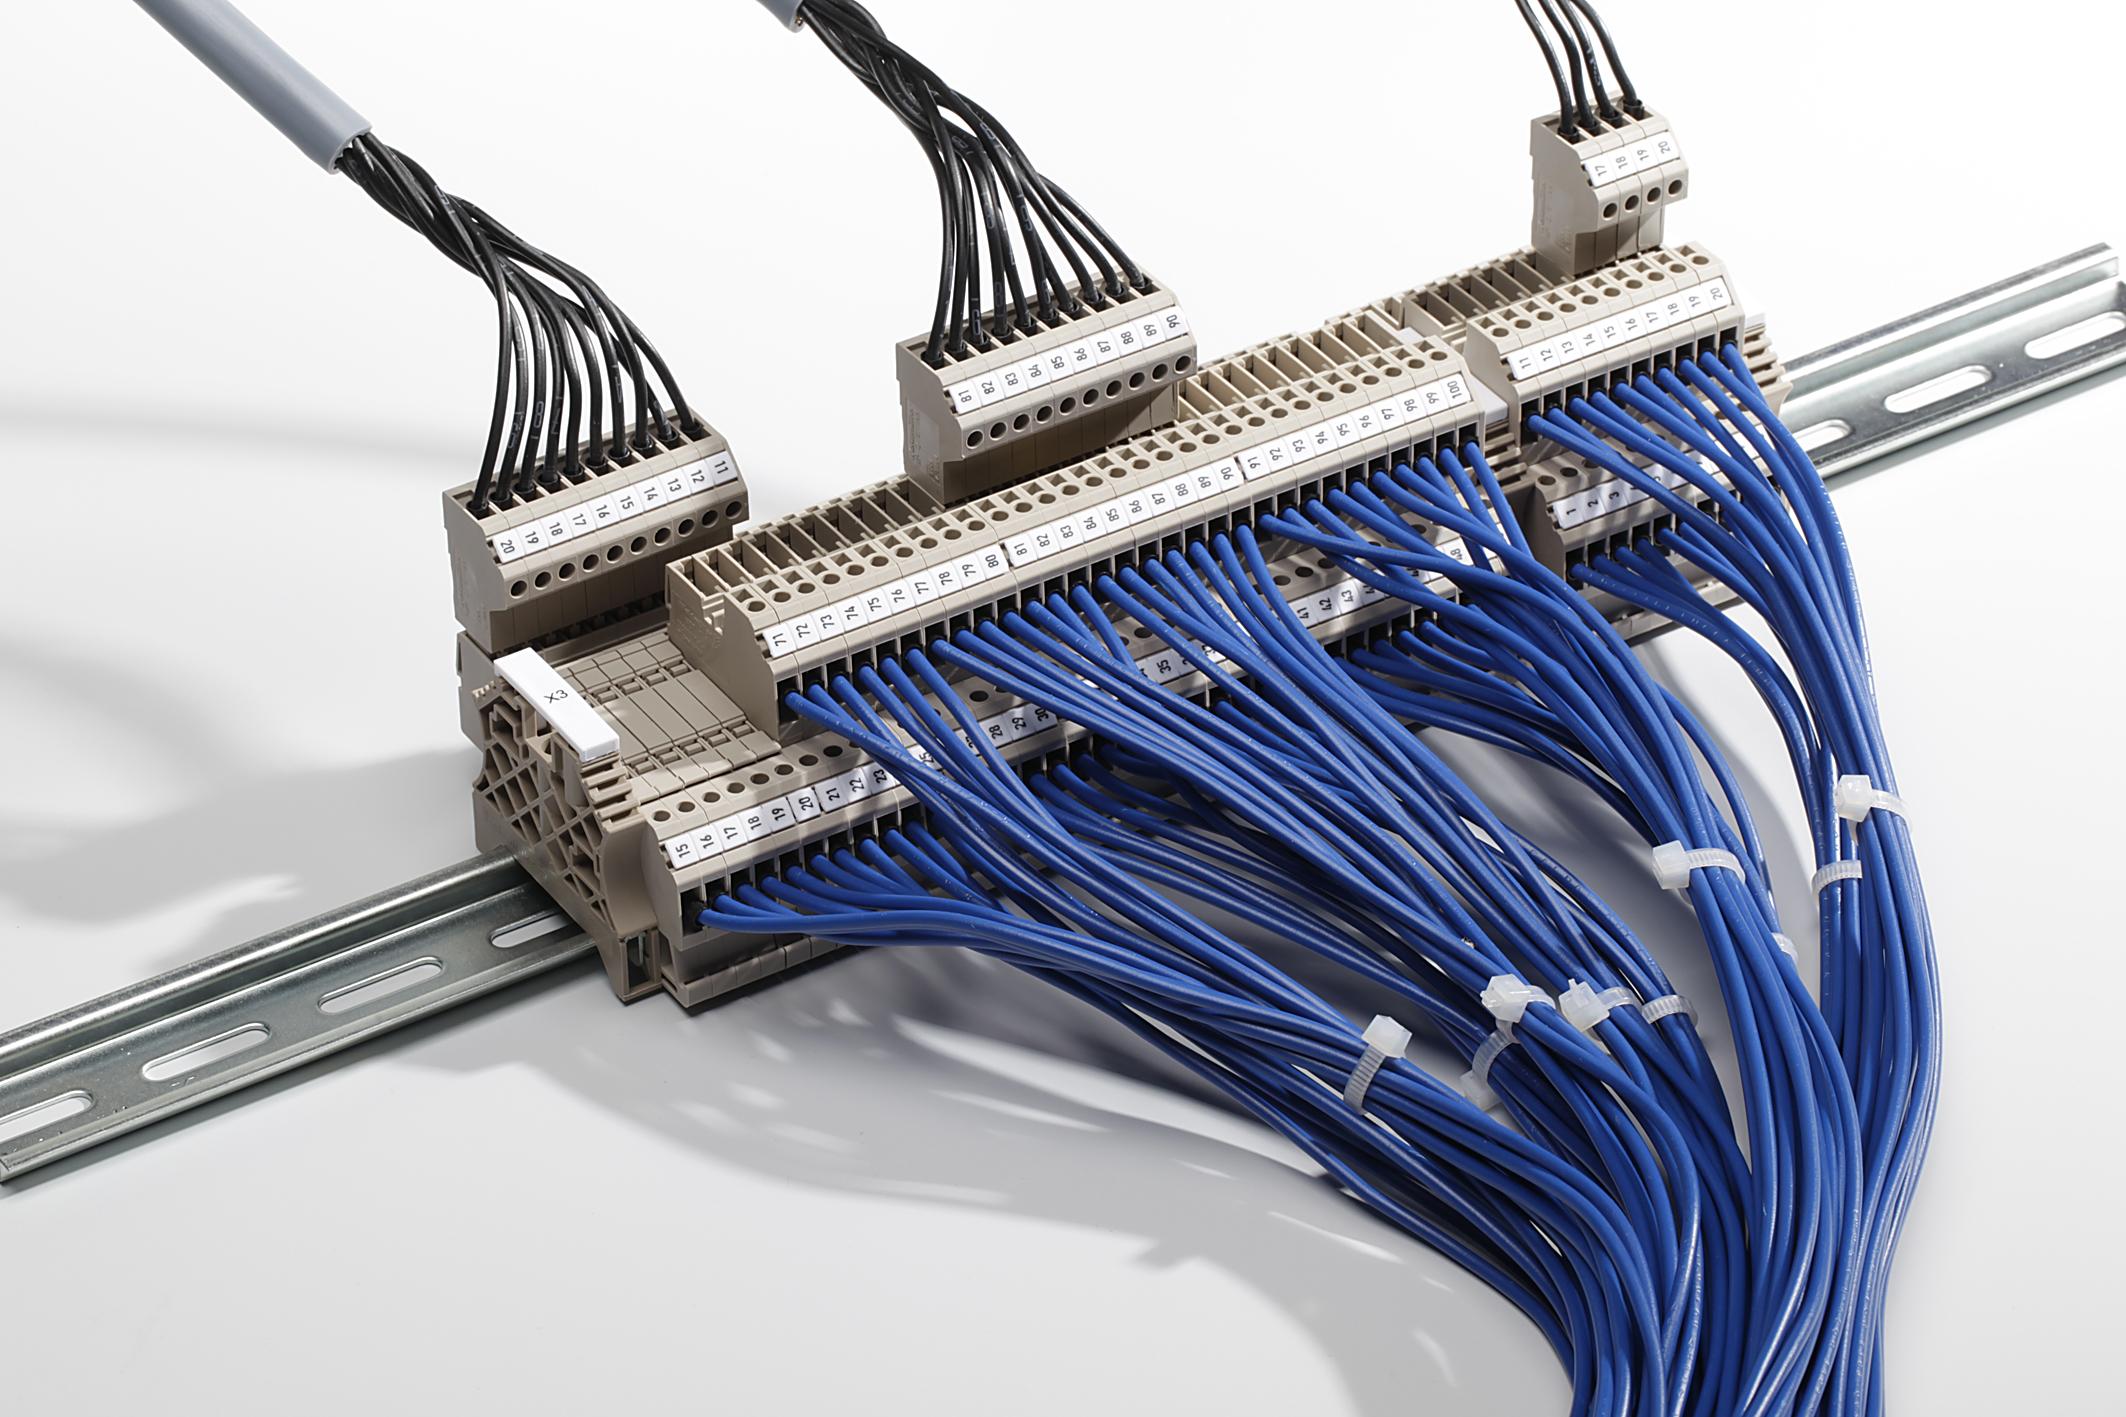 Weidmüller Reihenklemmen WDT 2.5 – das Reihenklemmensystem mit integrierter Schaltschrankreserve